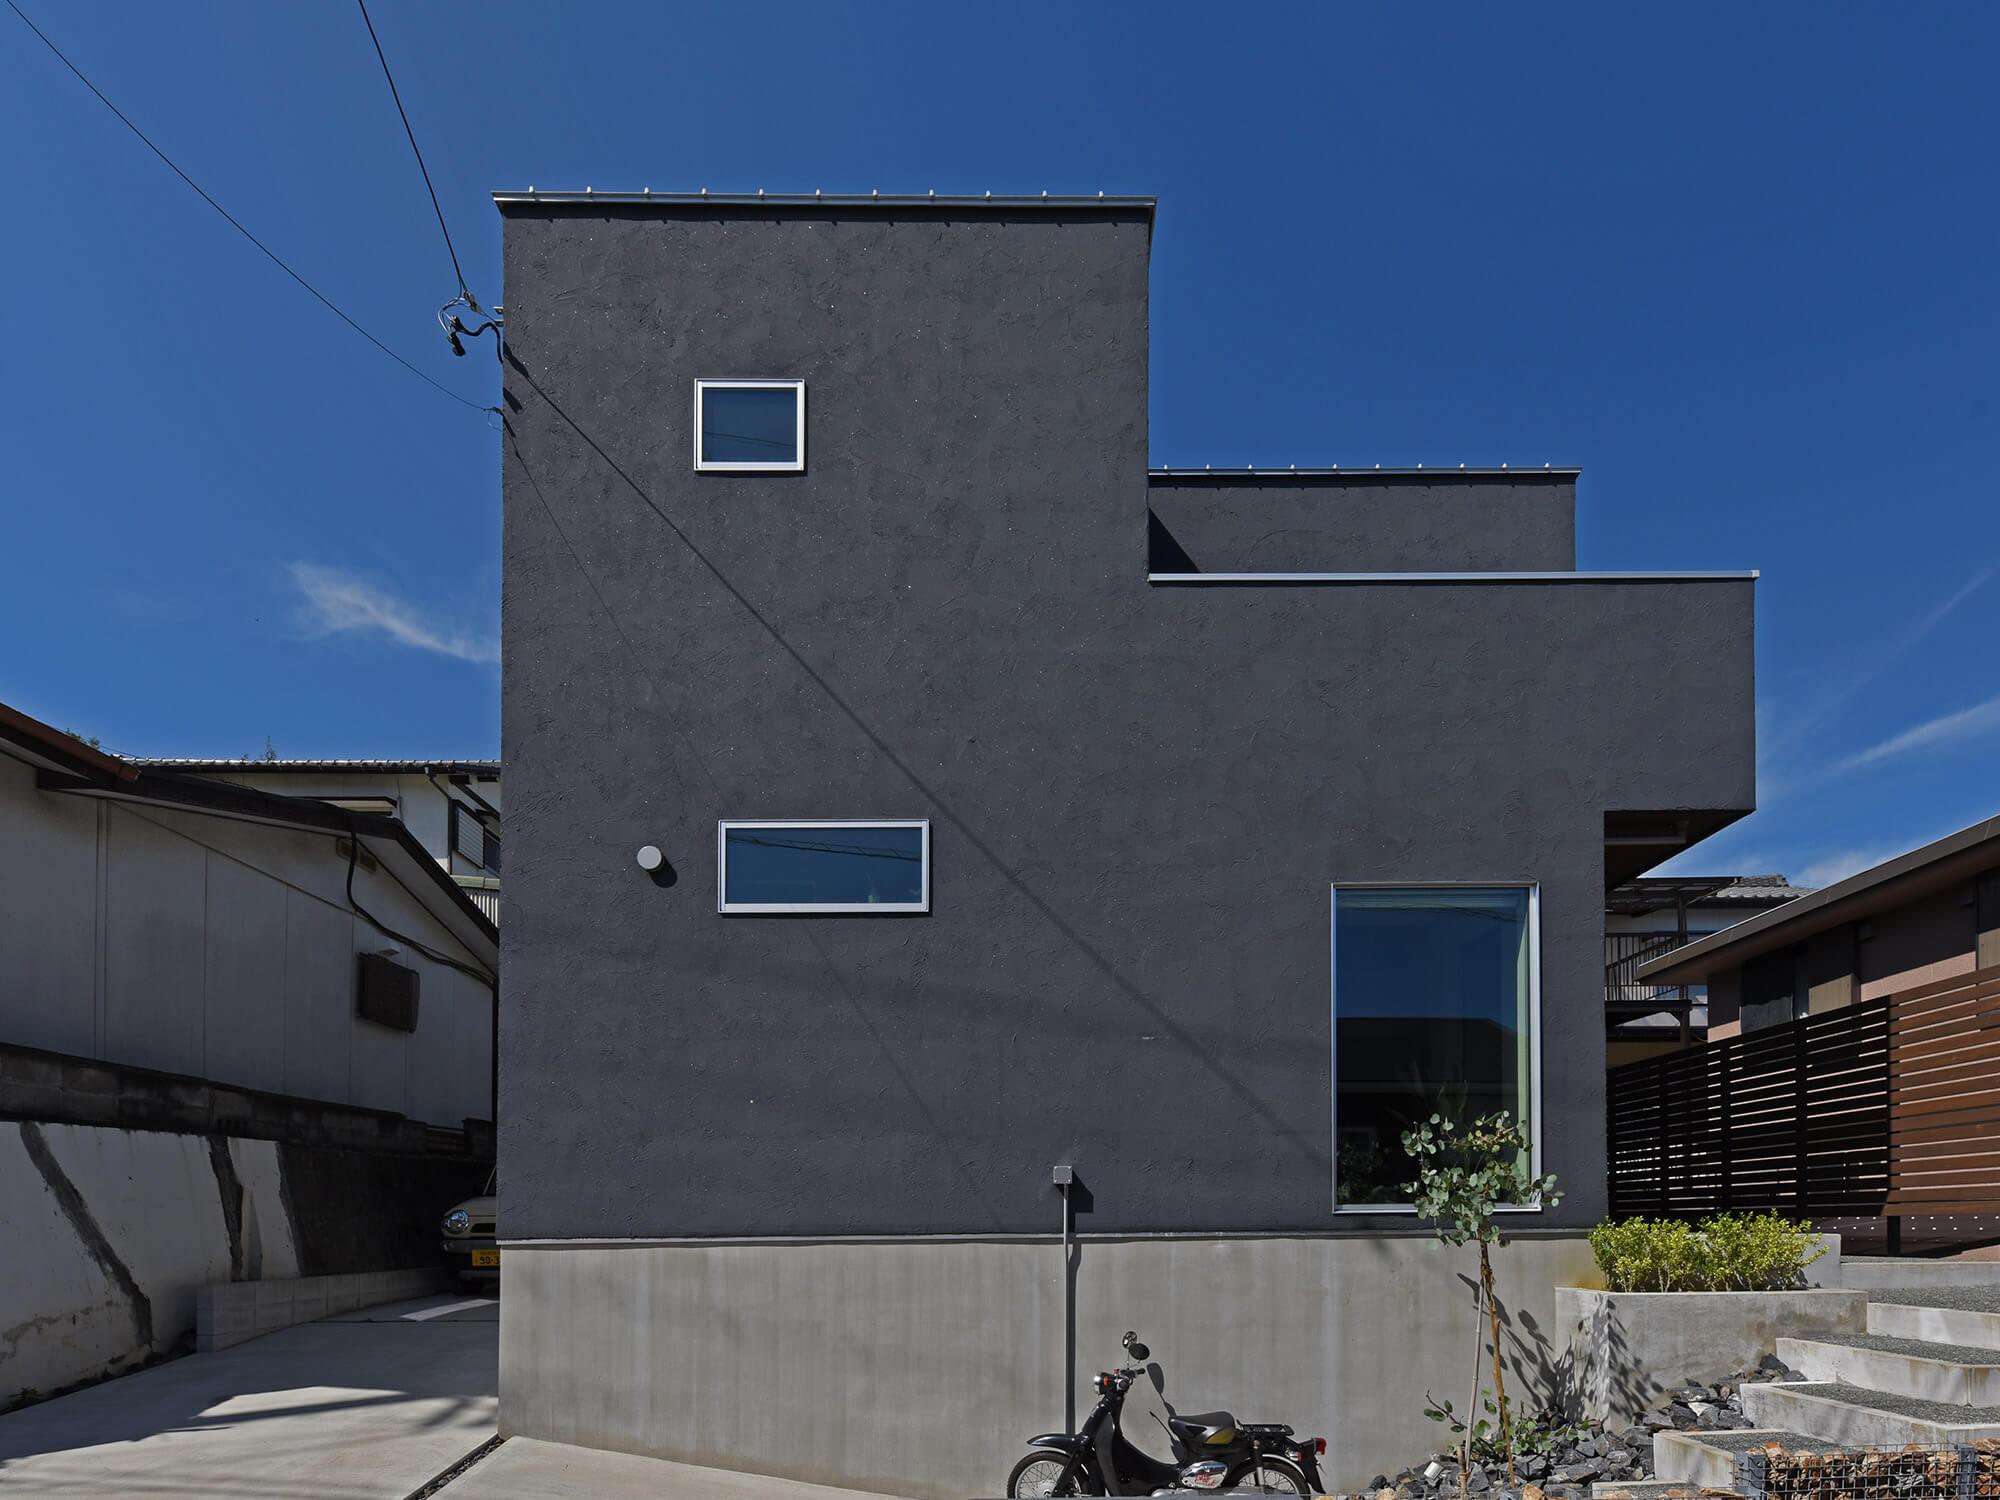 進陶の家01|愛知県名古屋市|建築家×工務店のNatureスペース注文住宅施工事例